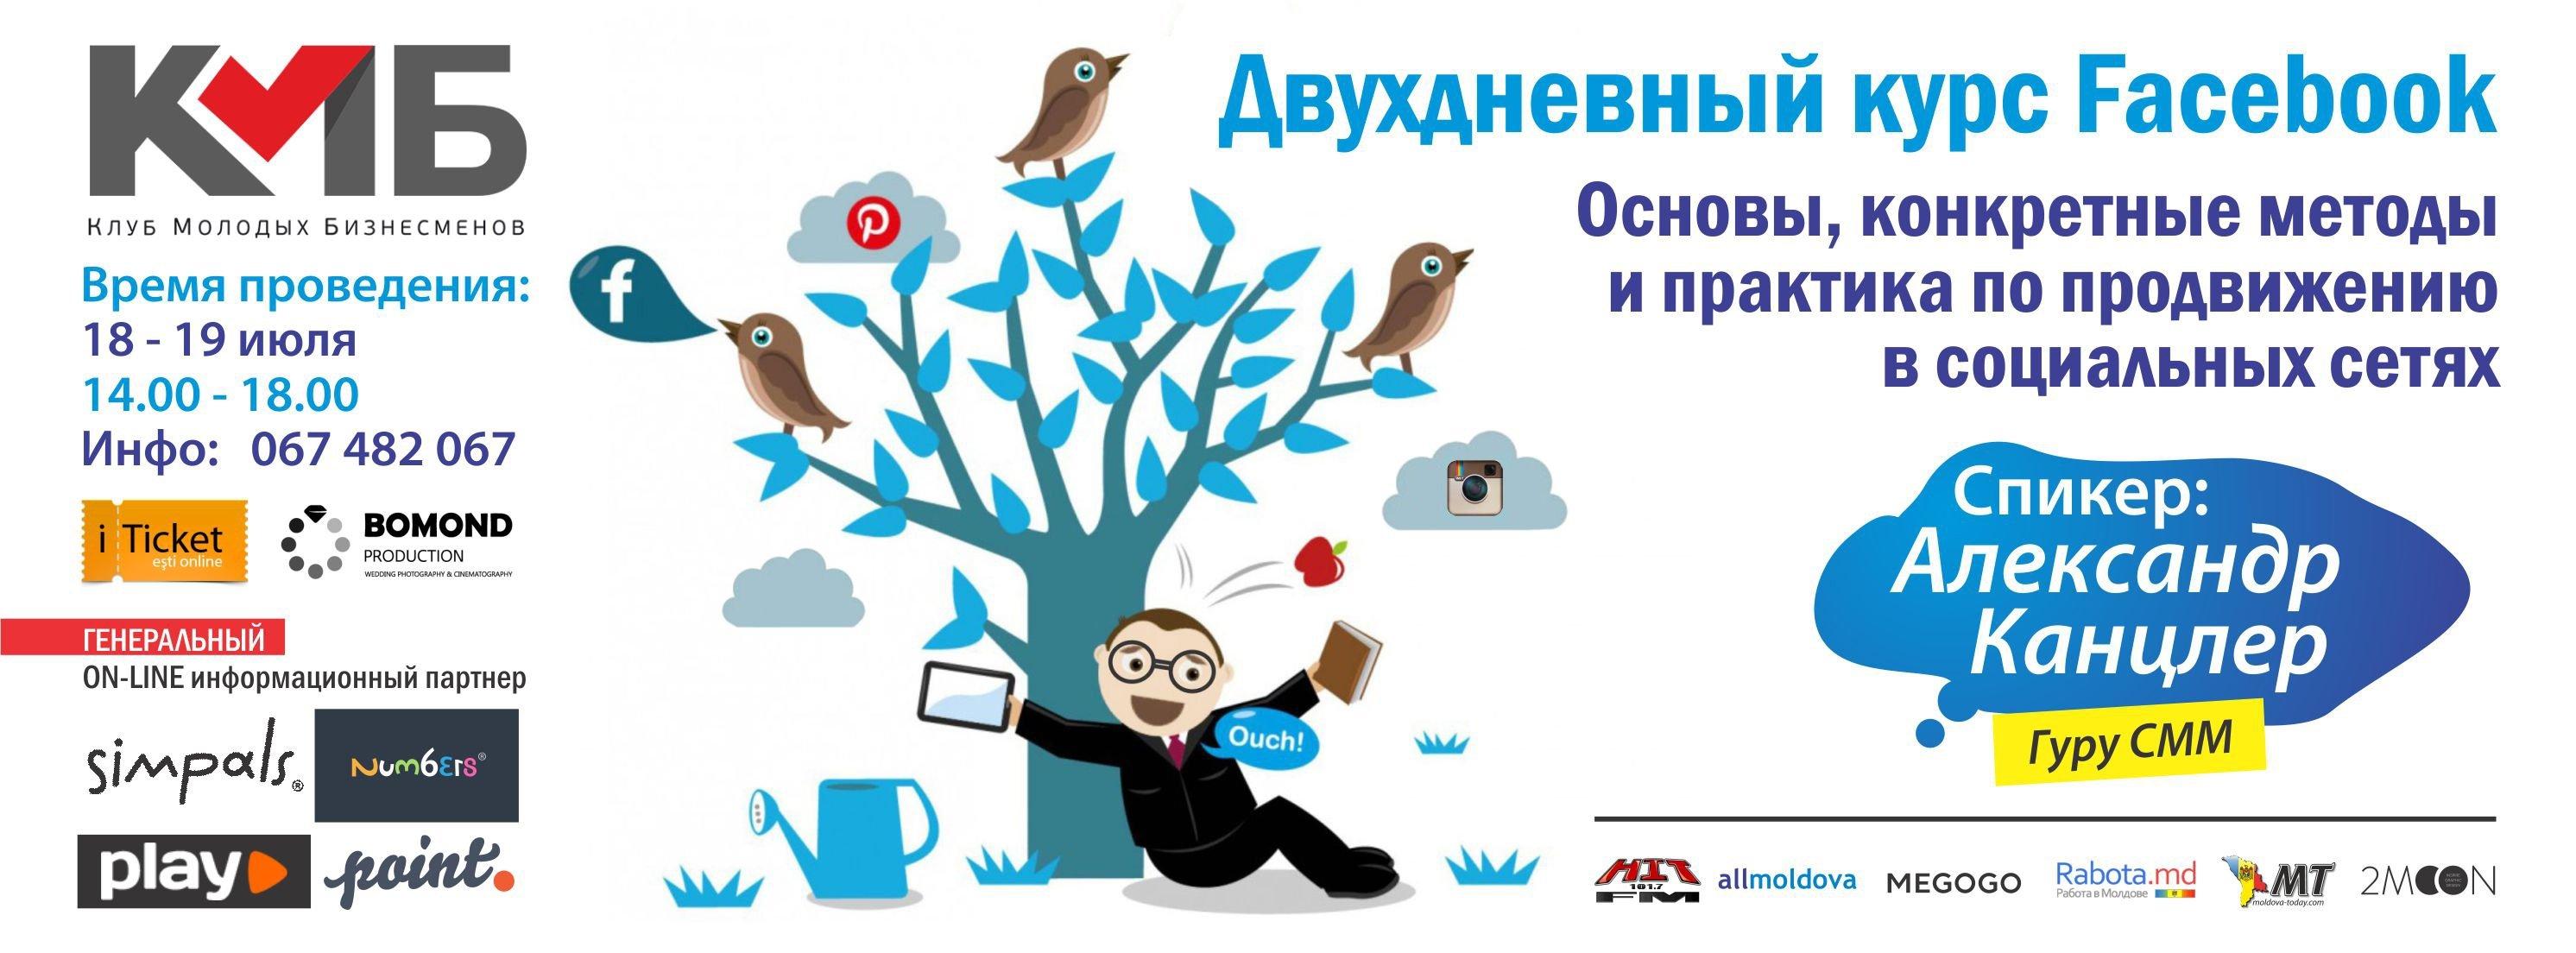 FACEBOOK - ДВУХДНЕВНЫЙ КУРС С АЛЕКСАНДРОМ КАНЦЛЕРОМ